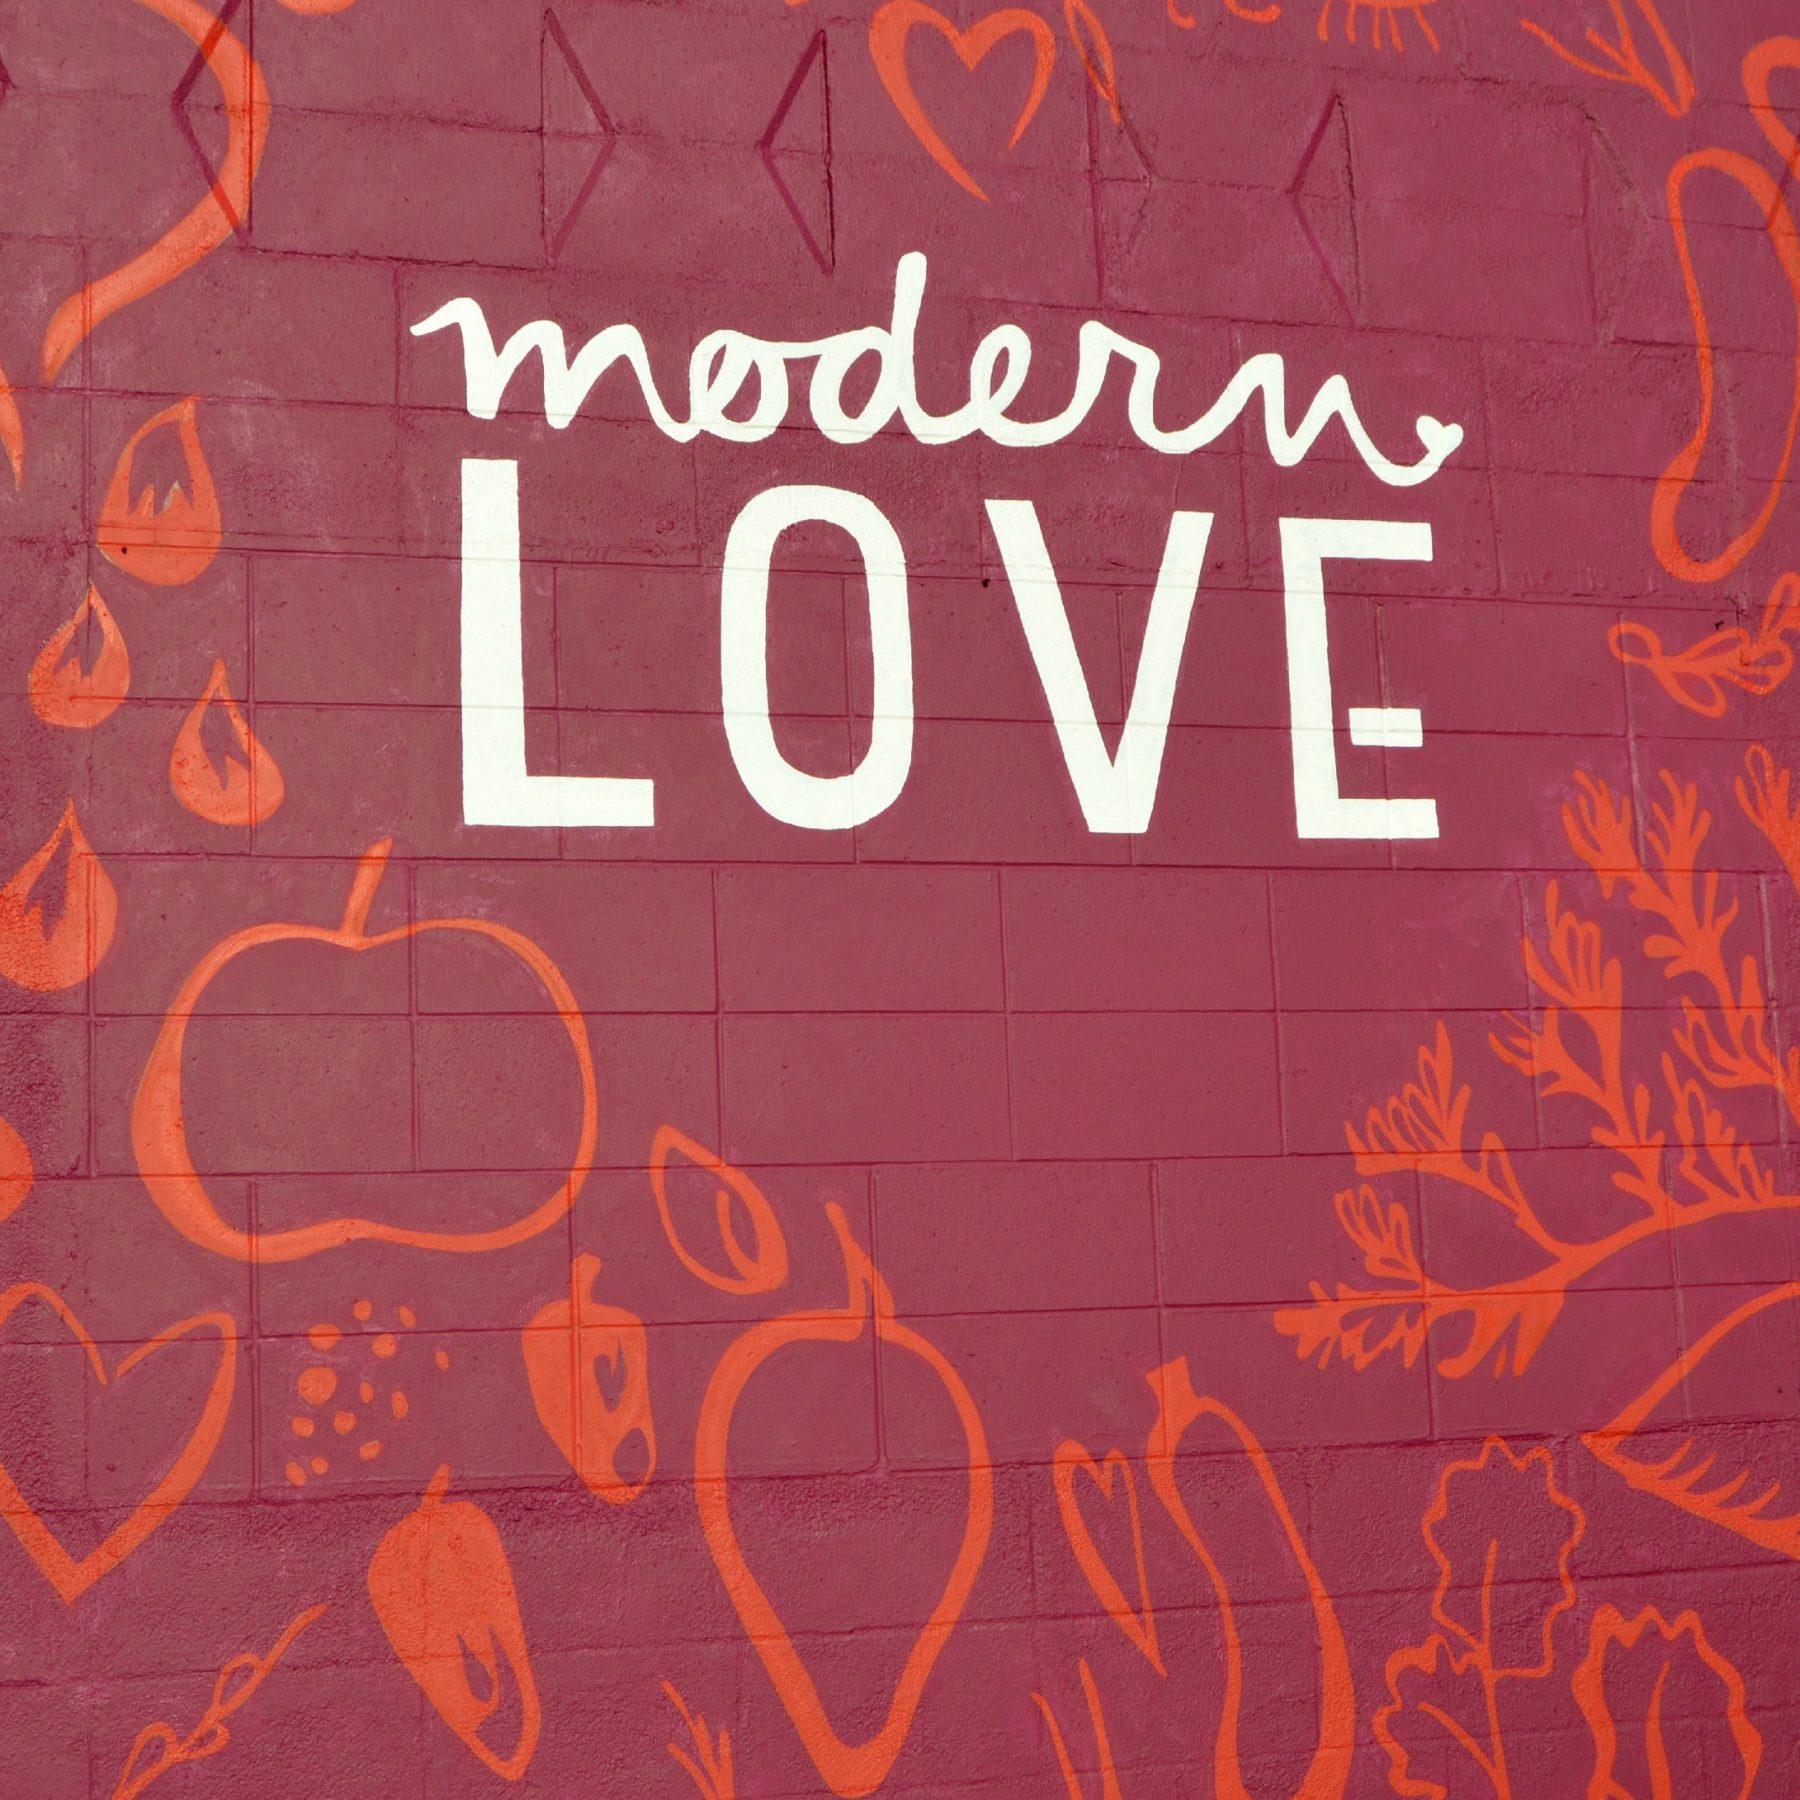 Modern love essays